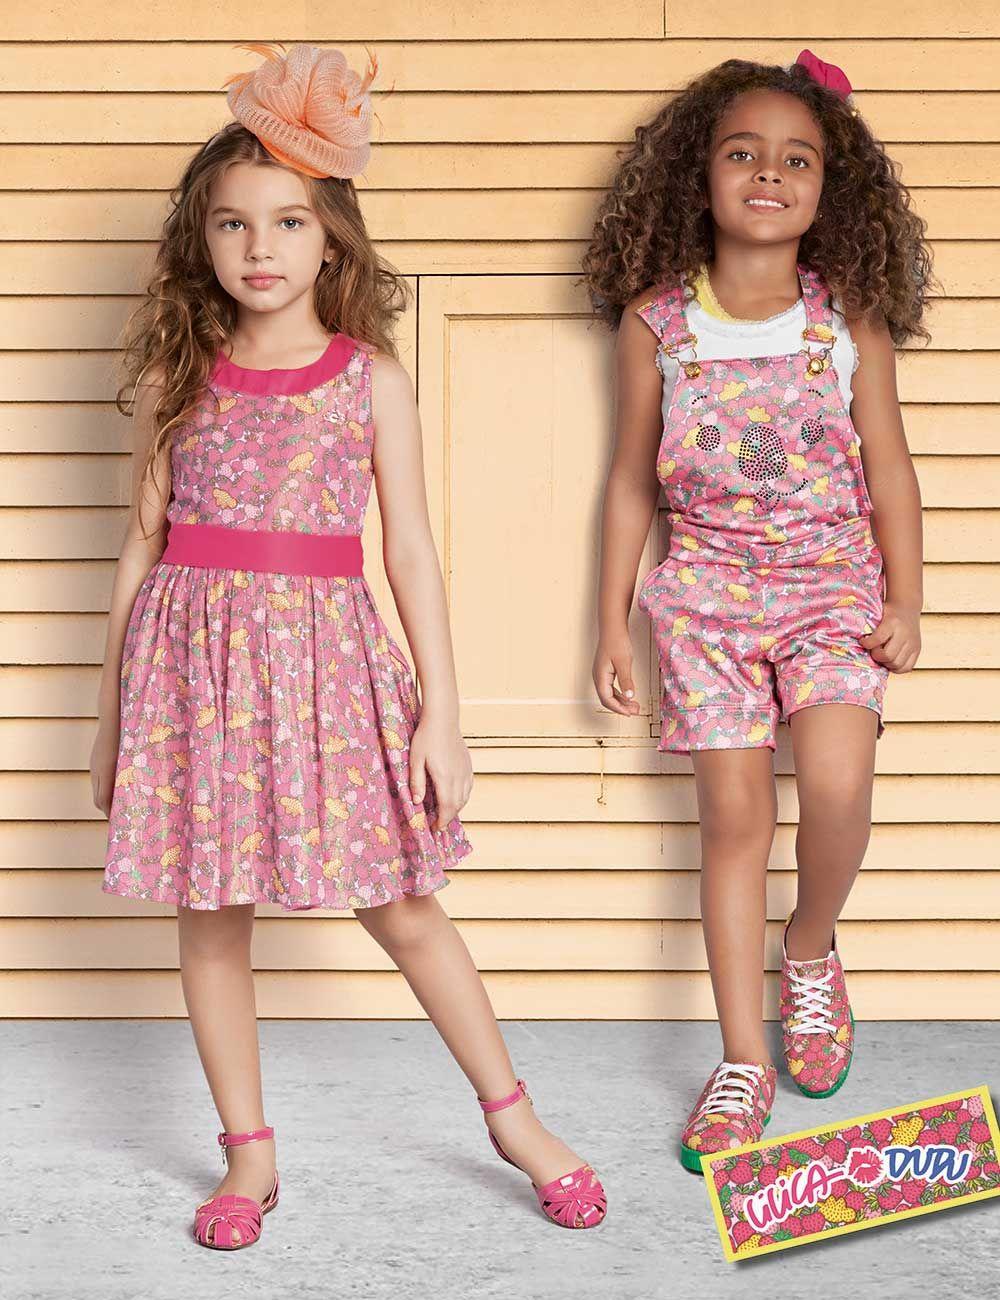 Childrenswear Lilica Ripilica Spring-Summer  Lookbook de Lilica Ripilica, coleção verão 2015